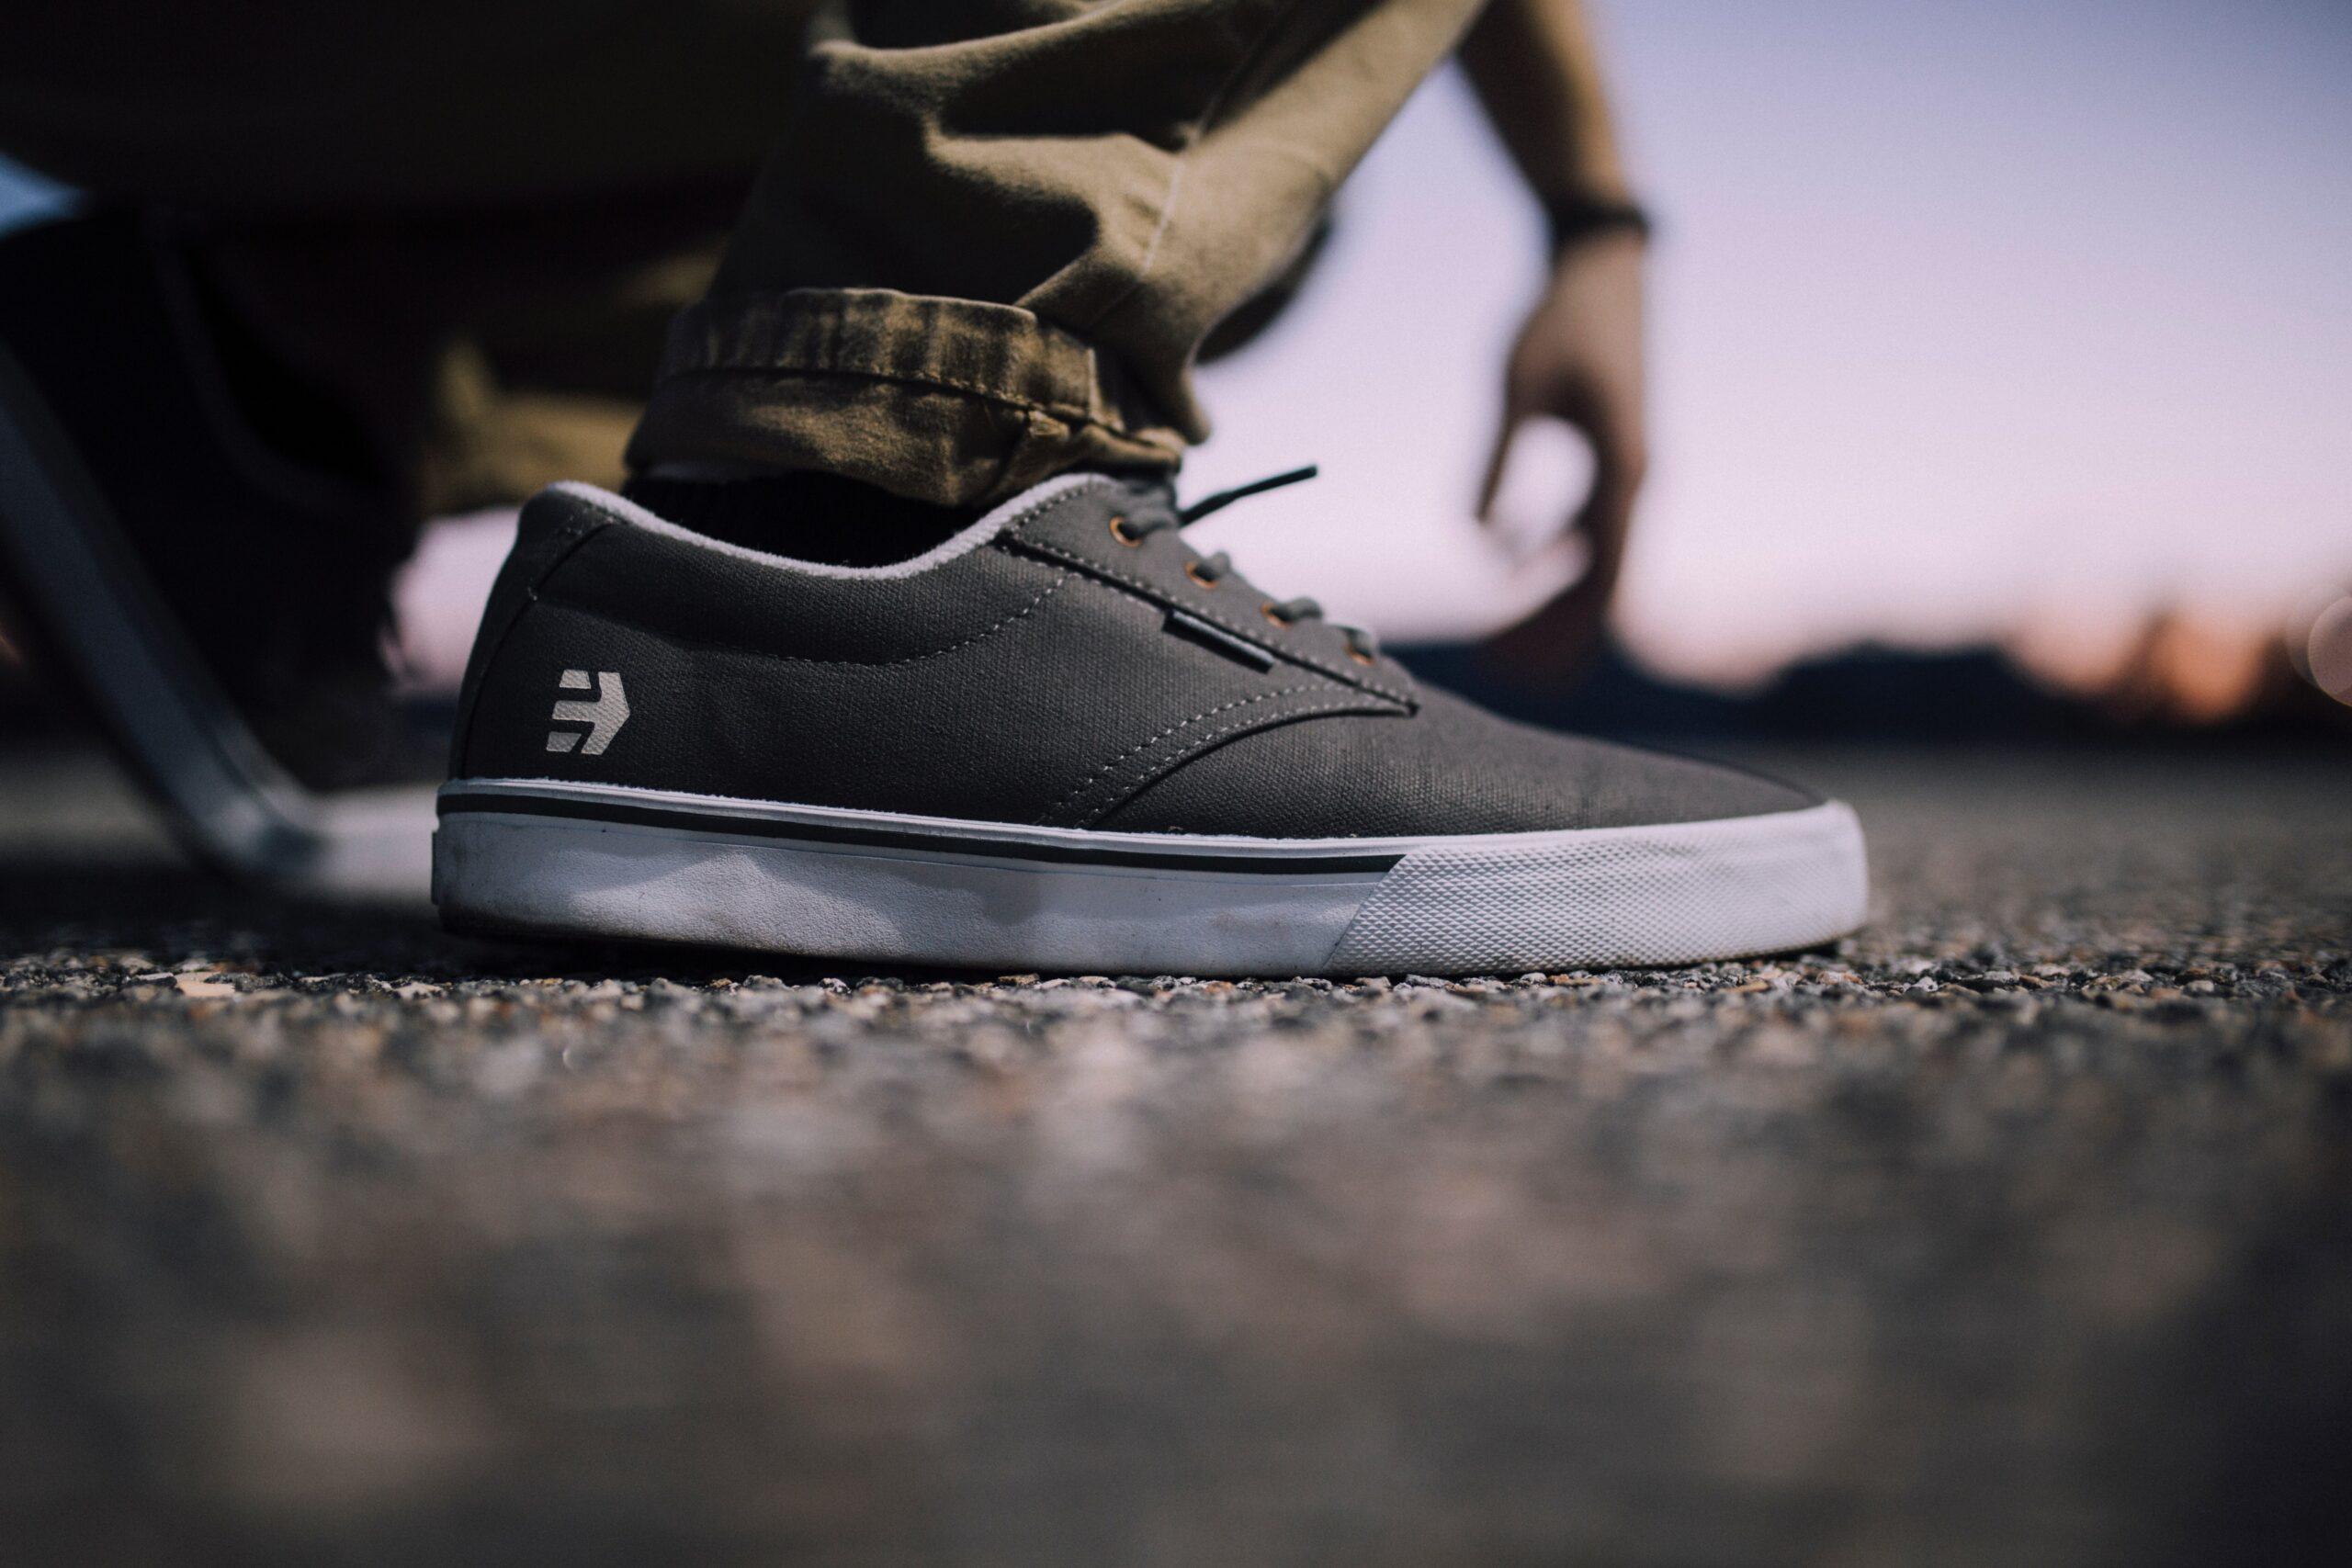 19 Best Slip On Shoes for Men (Easy, Effortless Style)